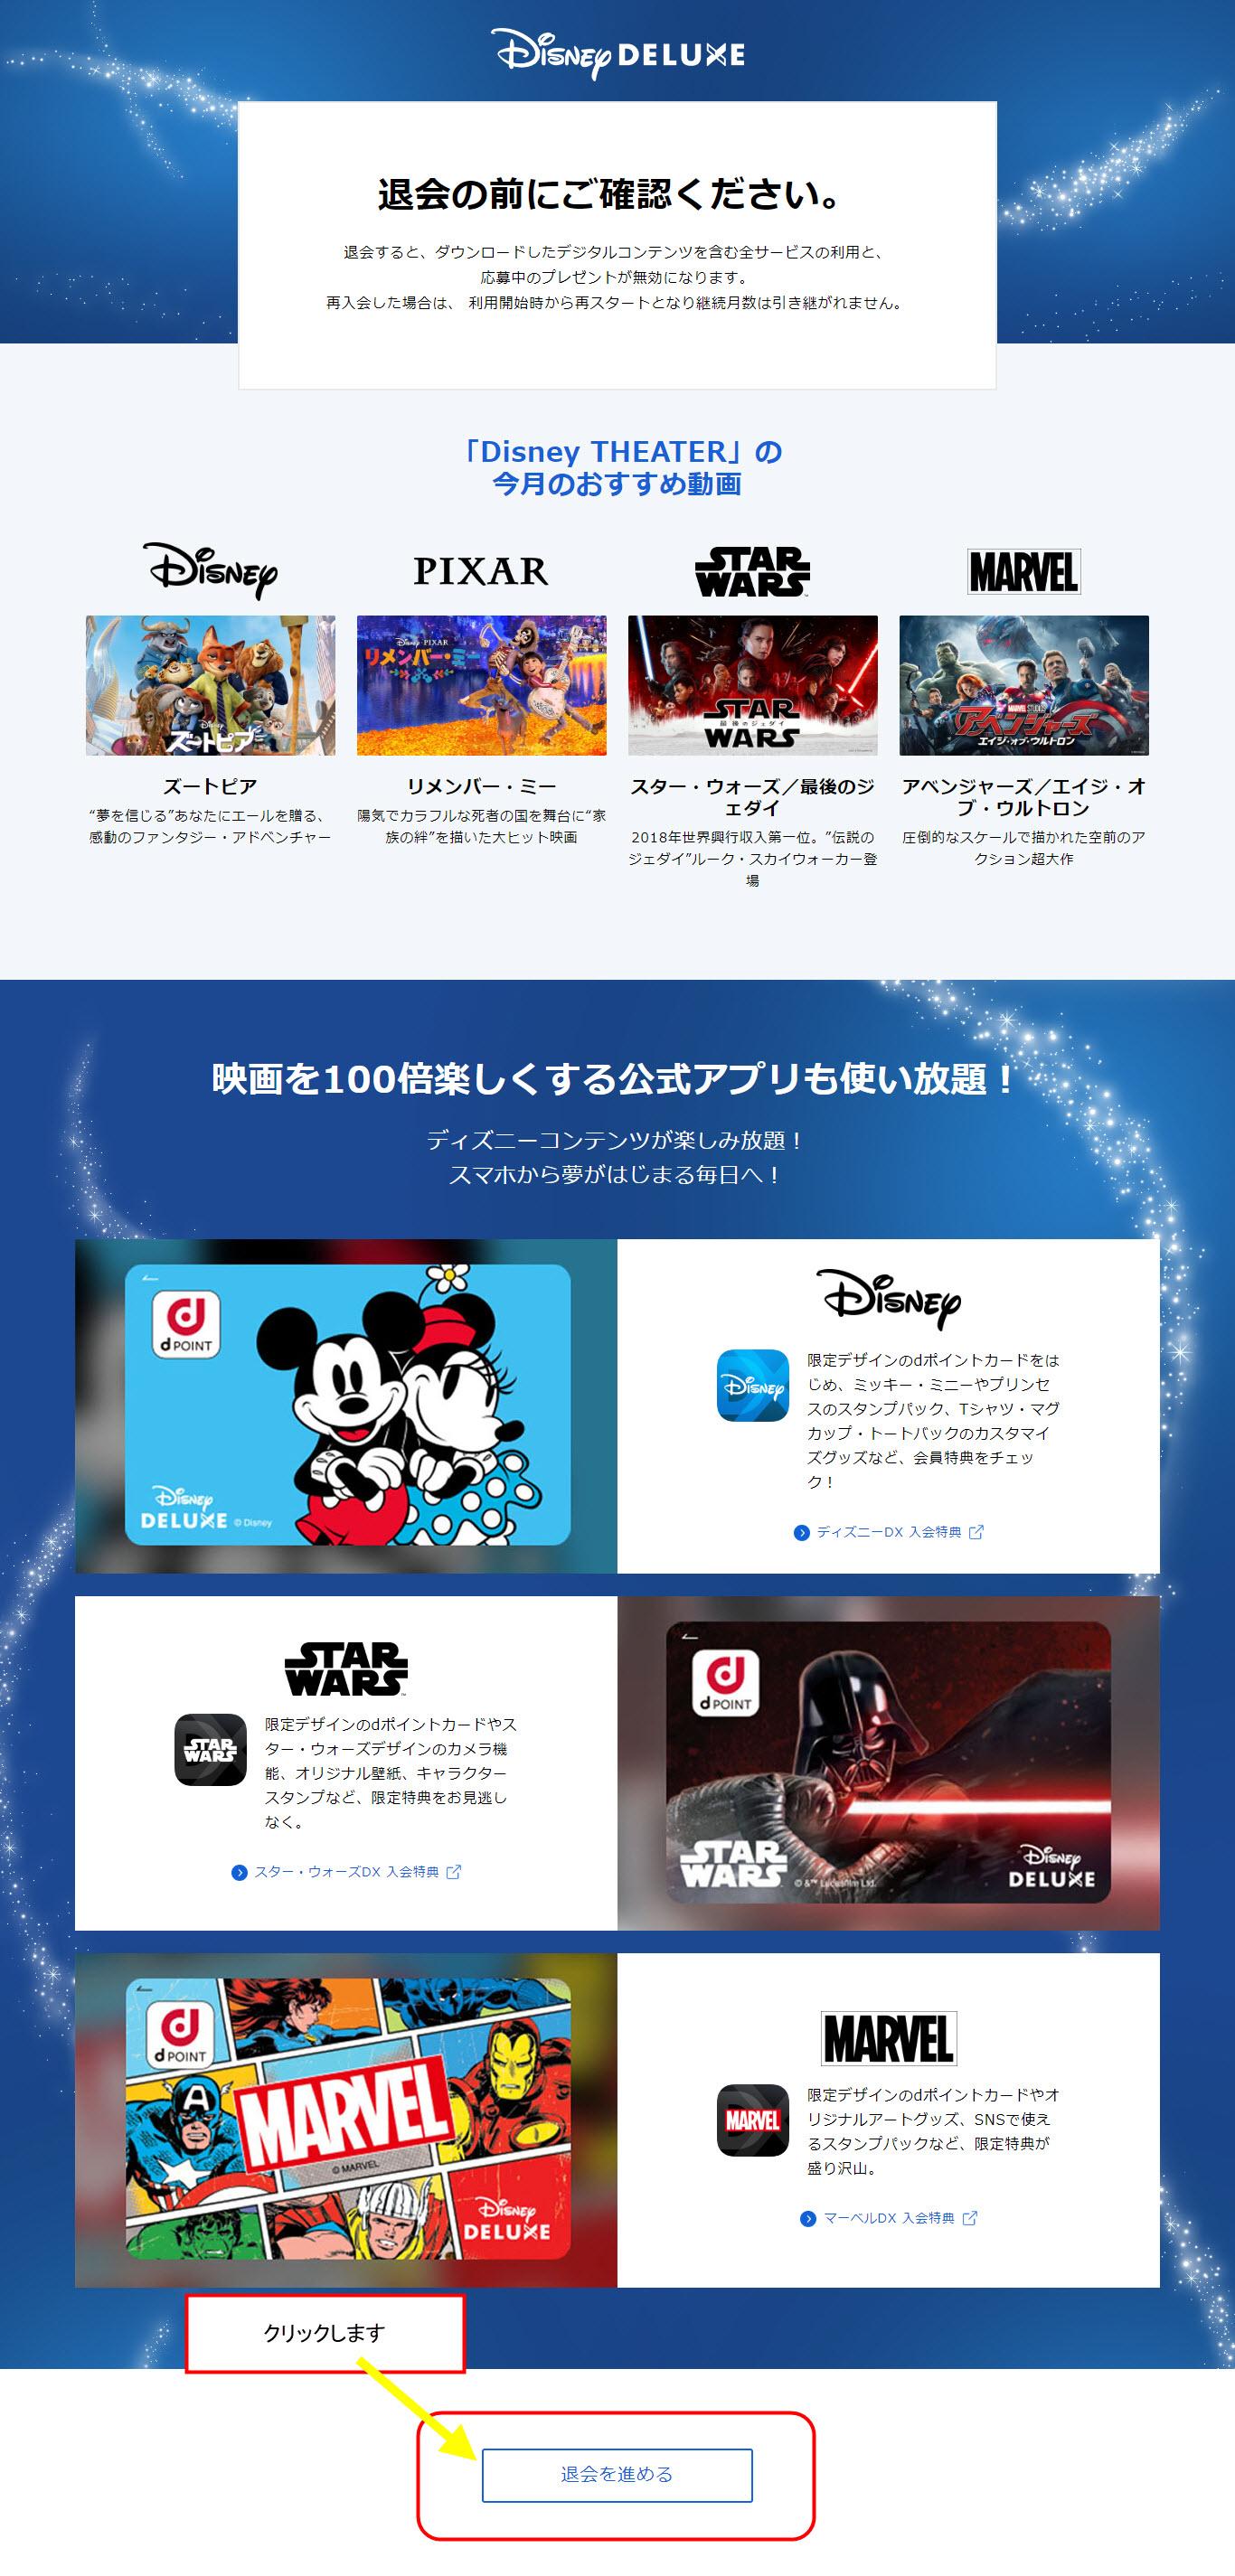 Disney DELUXE ディズニーデラックス 解約方法 退会方法